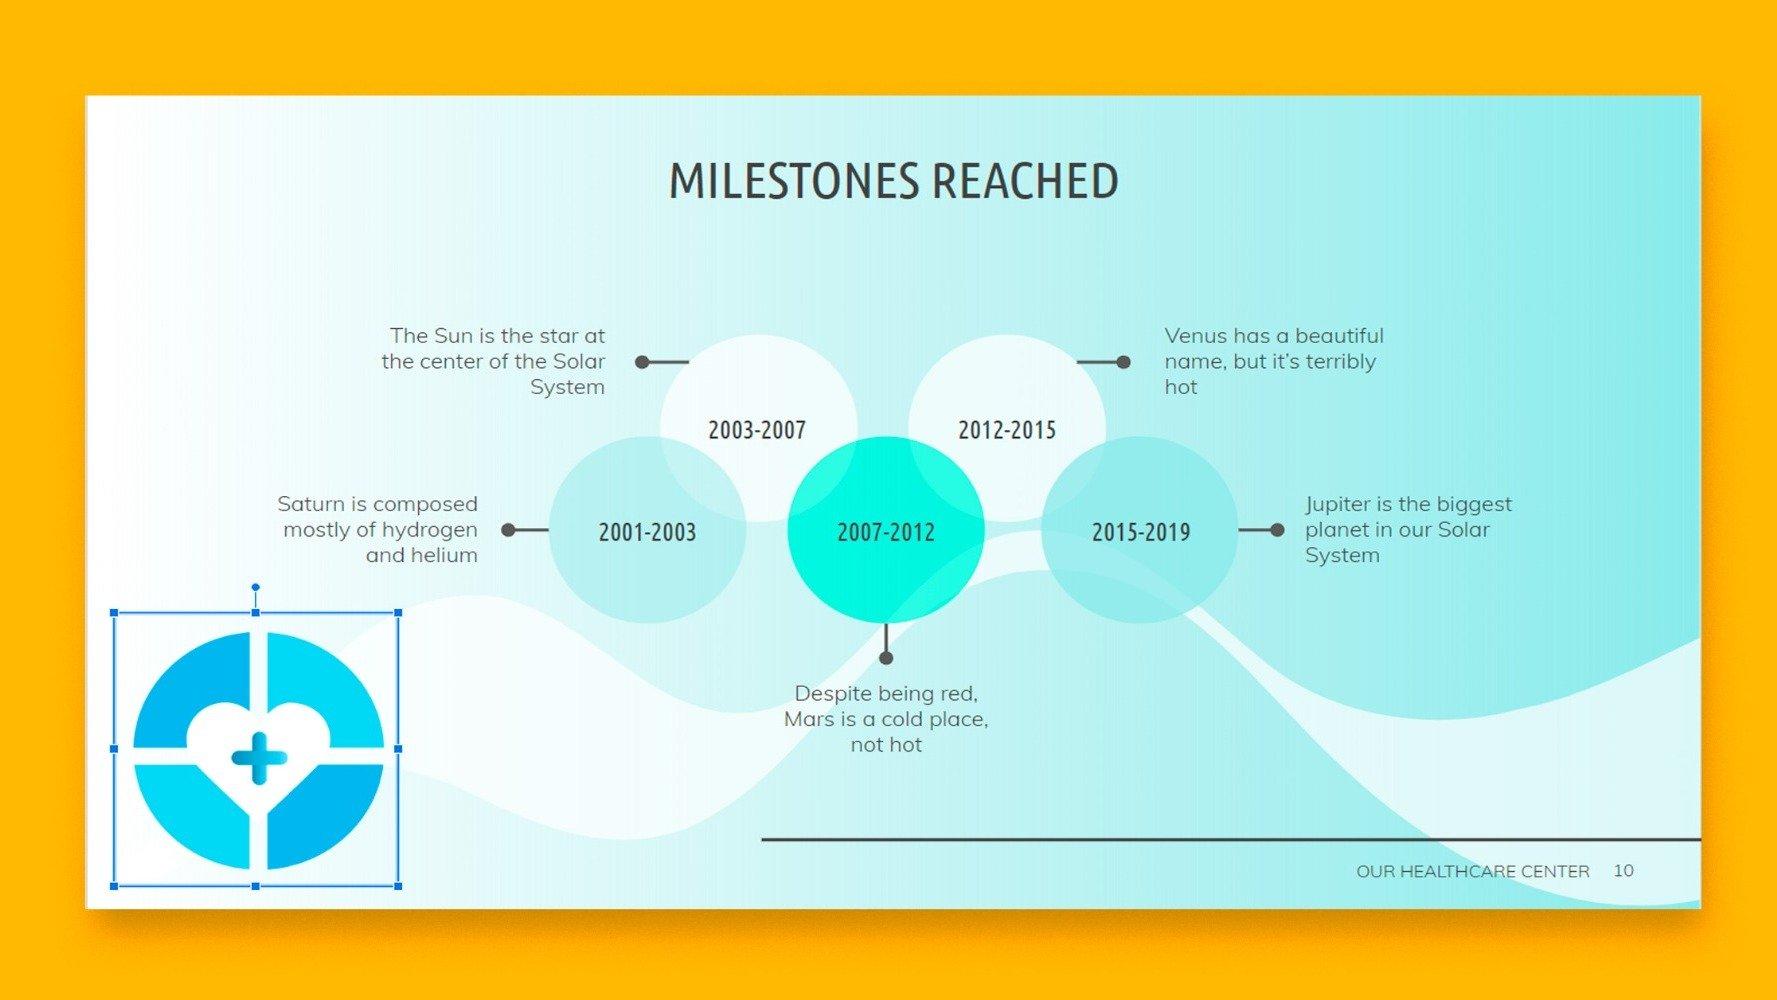 نحوه اضافه کردن علامت در اسلایدهای Google    نکات سریع و آموزش برای ارائه های خود